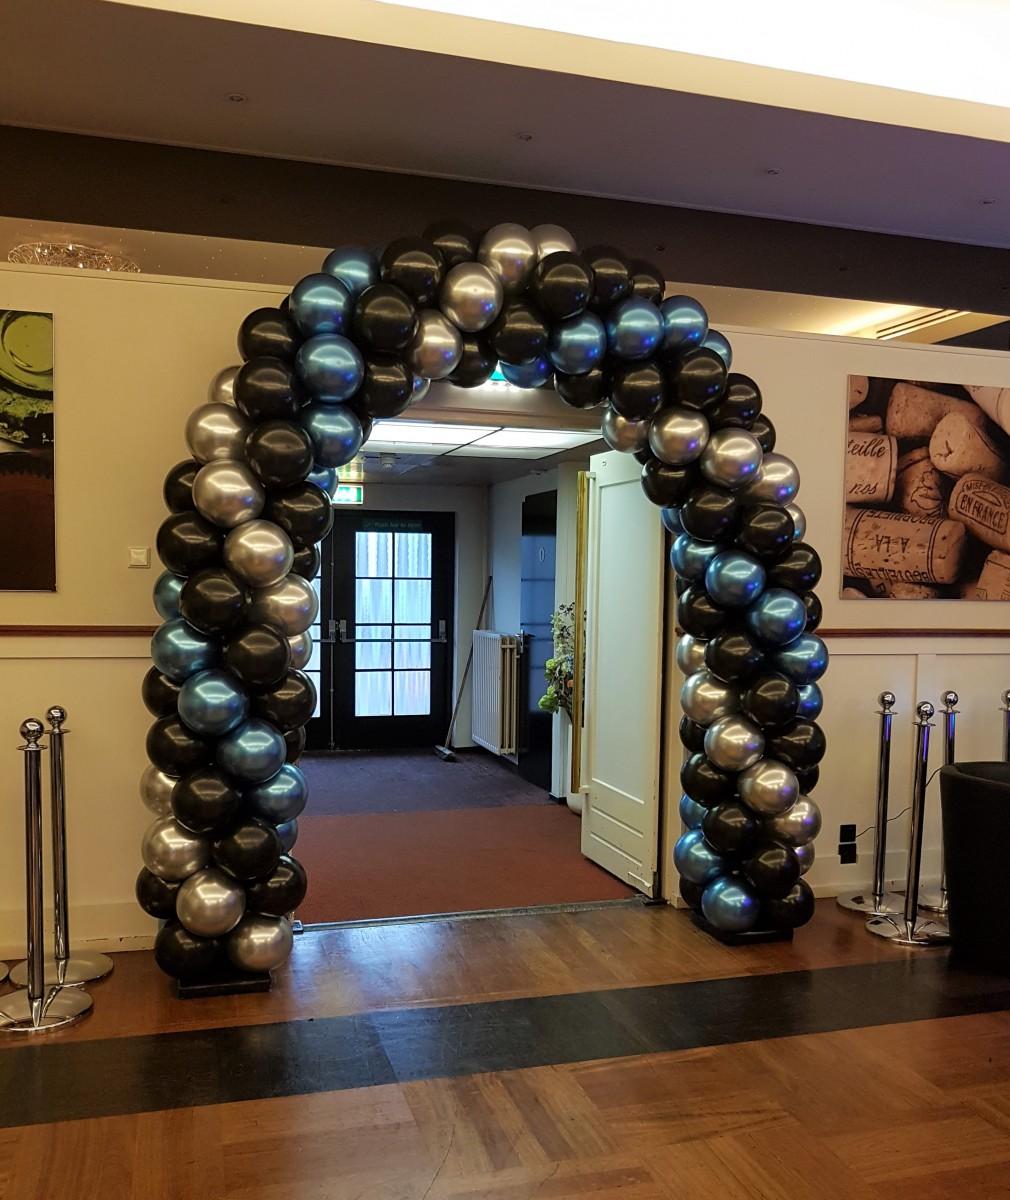 Balloon-Styling-ballonnenboog-ballonboog-chrome blauw-zilver metallic zwart ballonnen-Tilburg